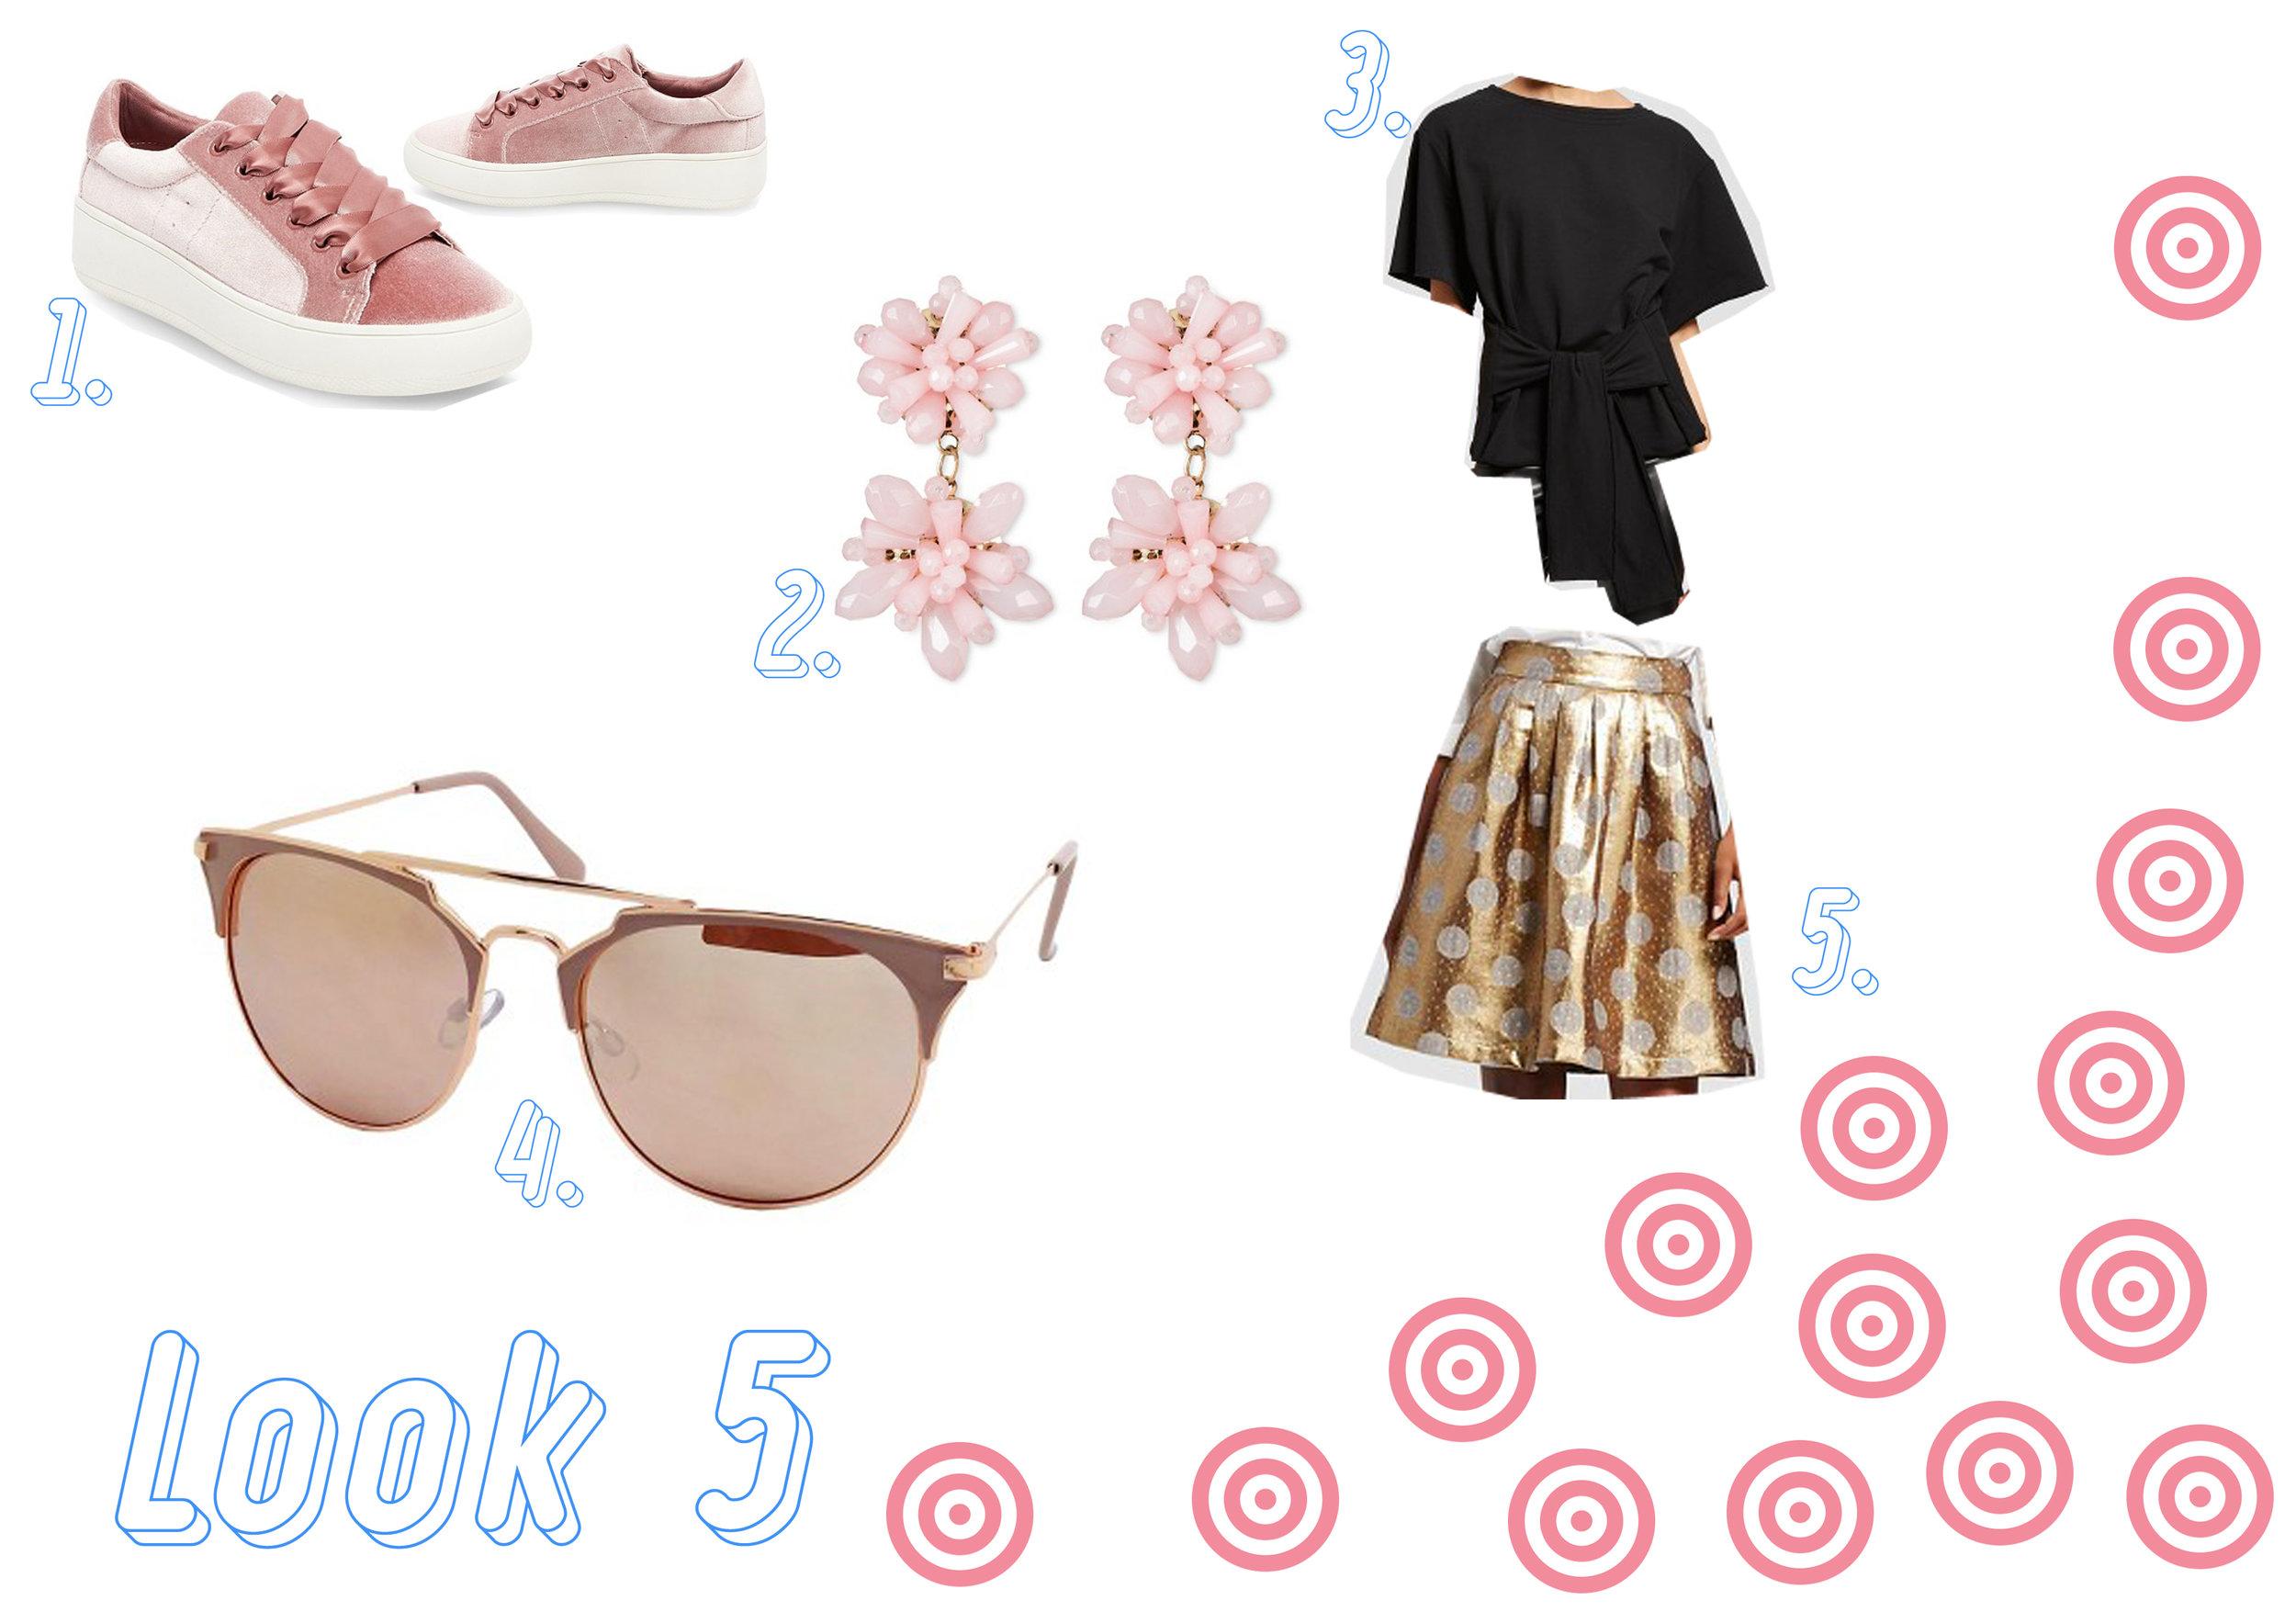 1. Velvet sneakers  here  - 2. Earrings  here  - 3. Black top  here  - 4. Rose gold sunglasses  here  - 5. Gold skirt  here